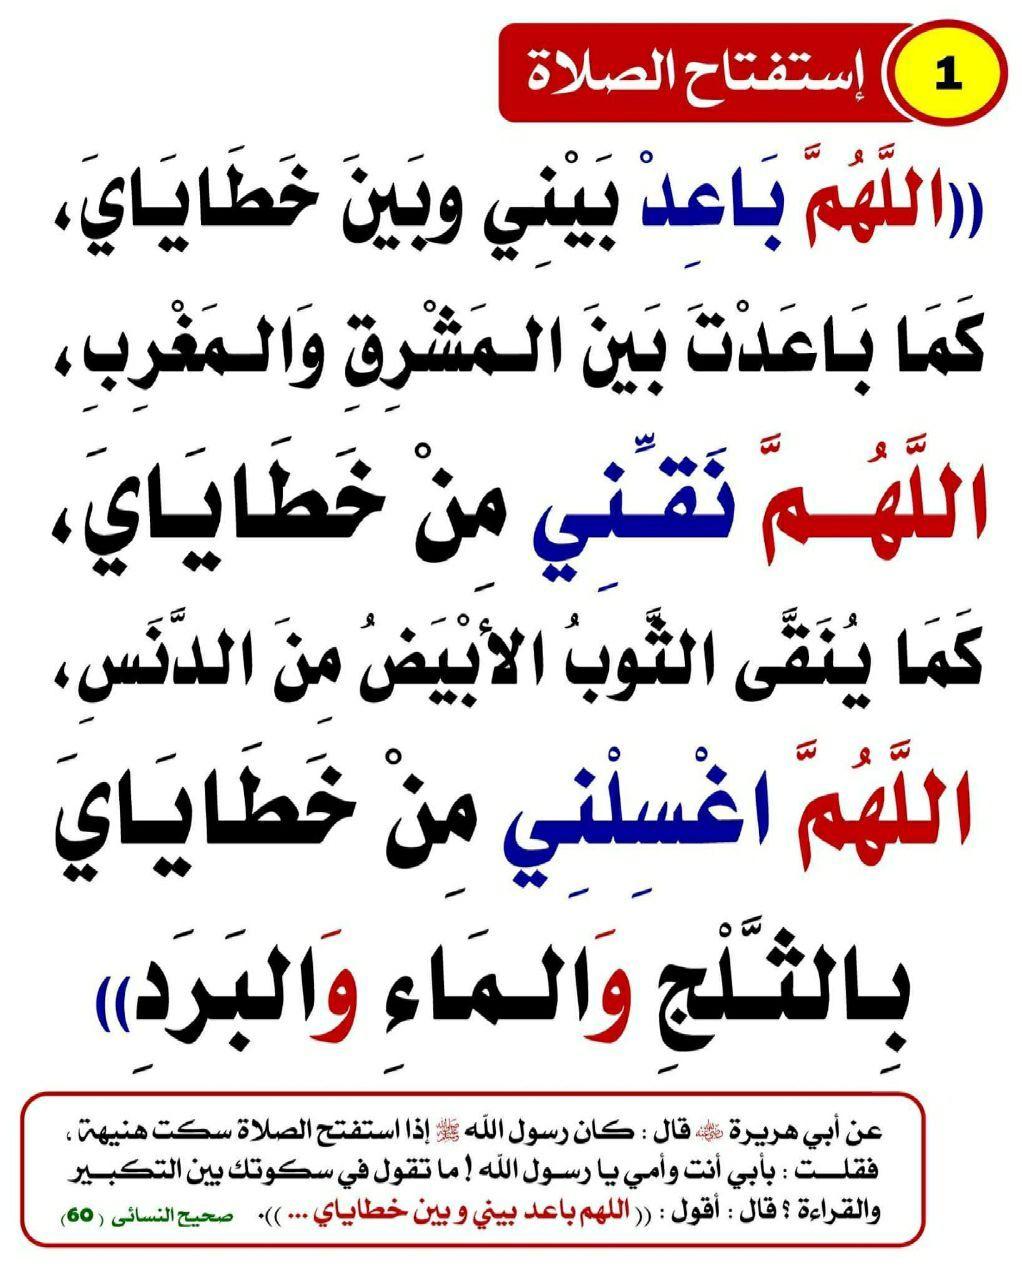 Pin By الأثر الجميل On معلومات دينية Islamic Phrases Quran Verses Islam Facts